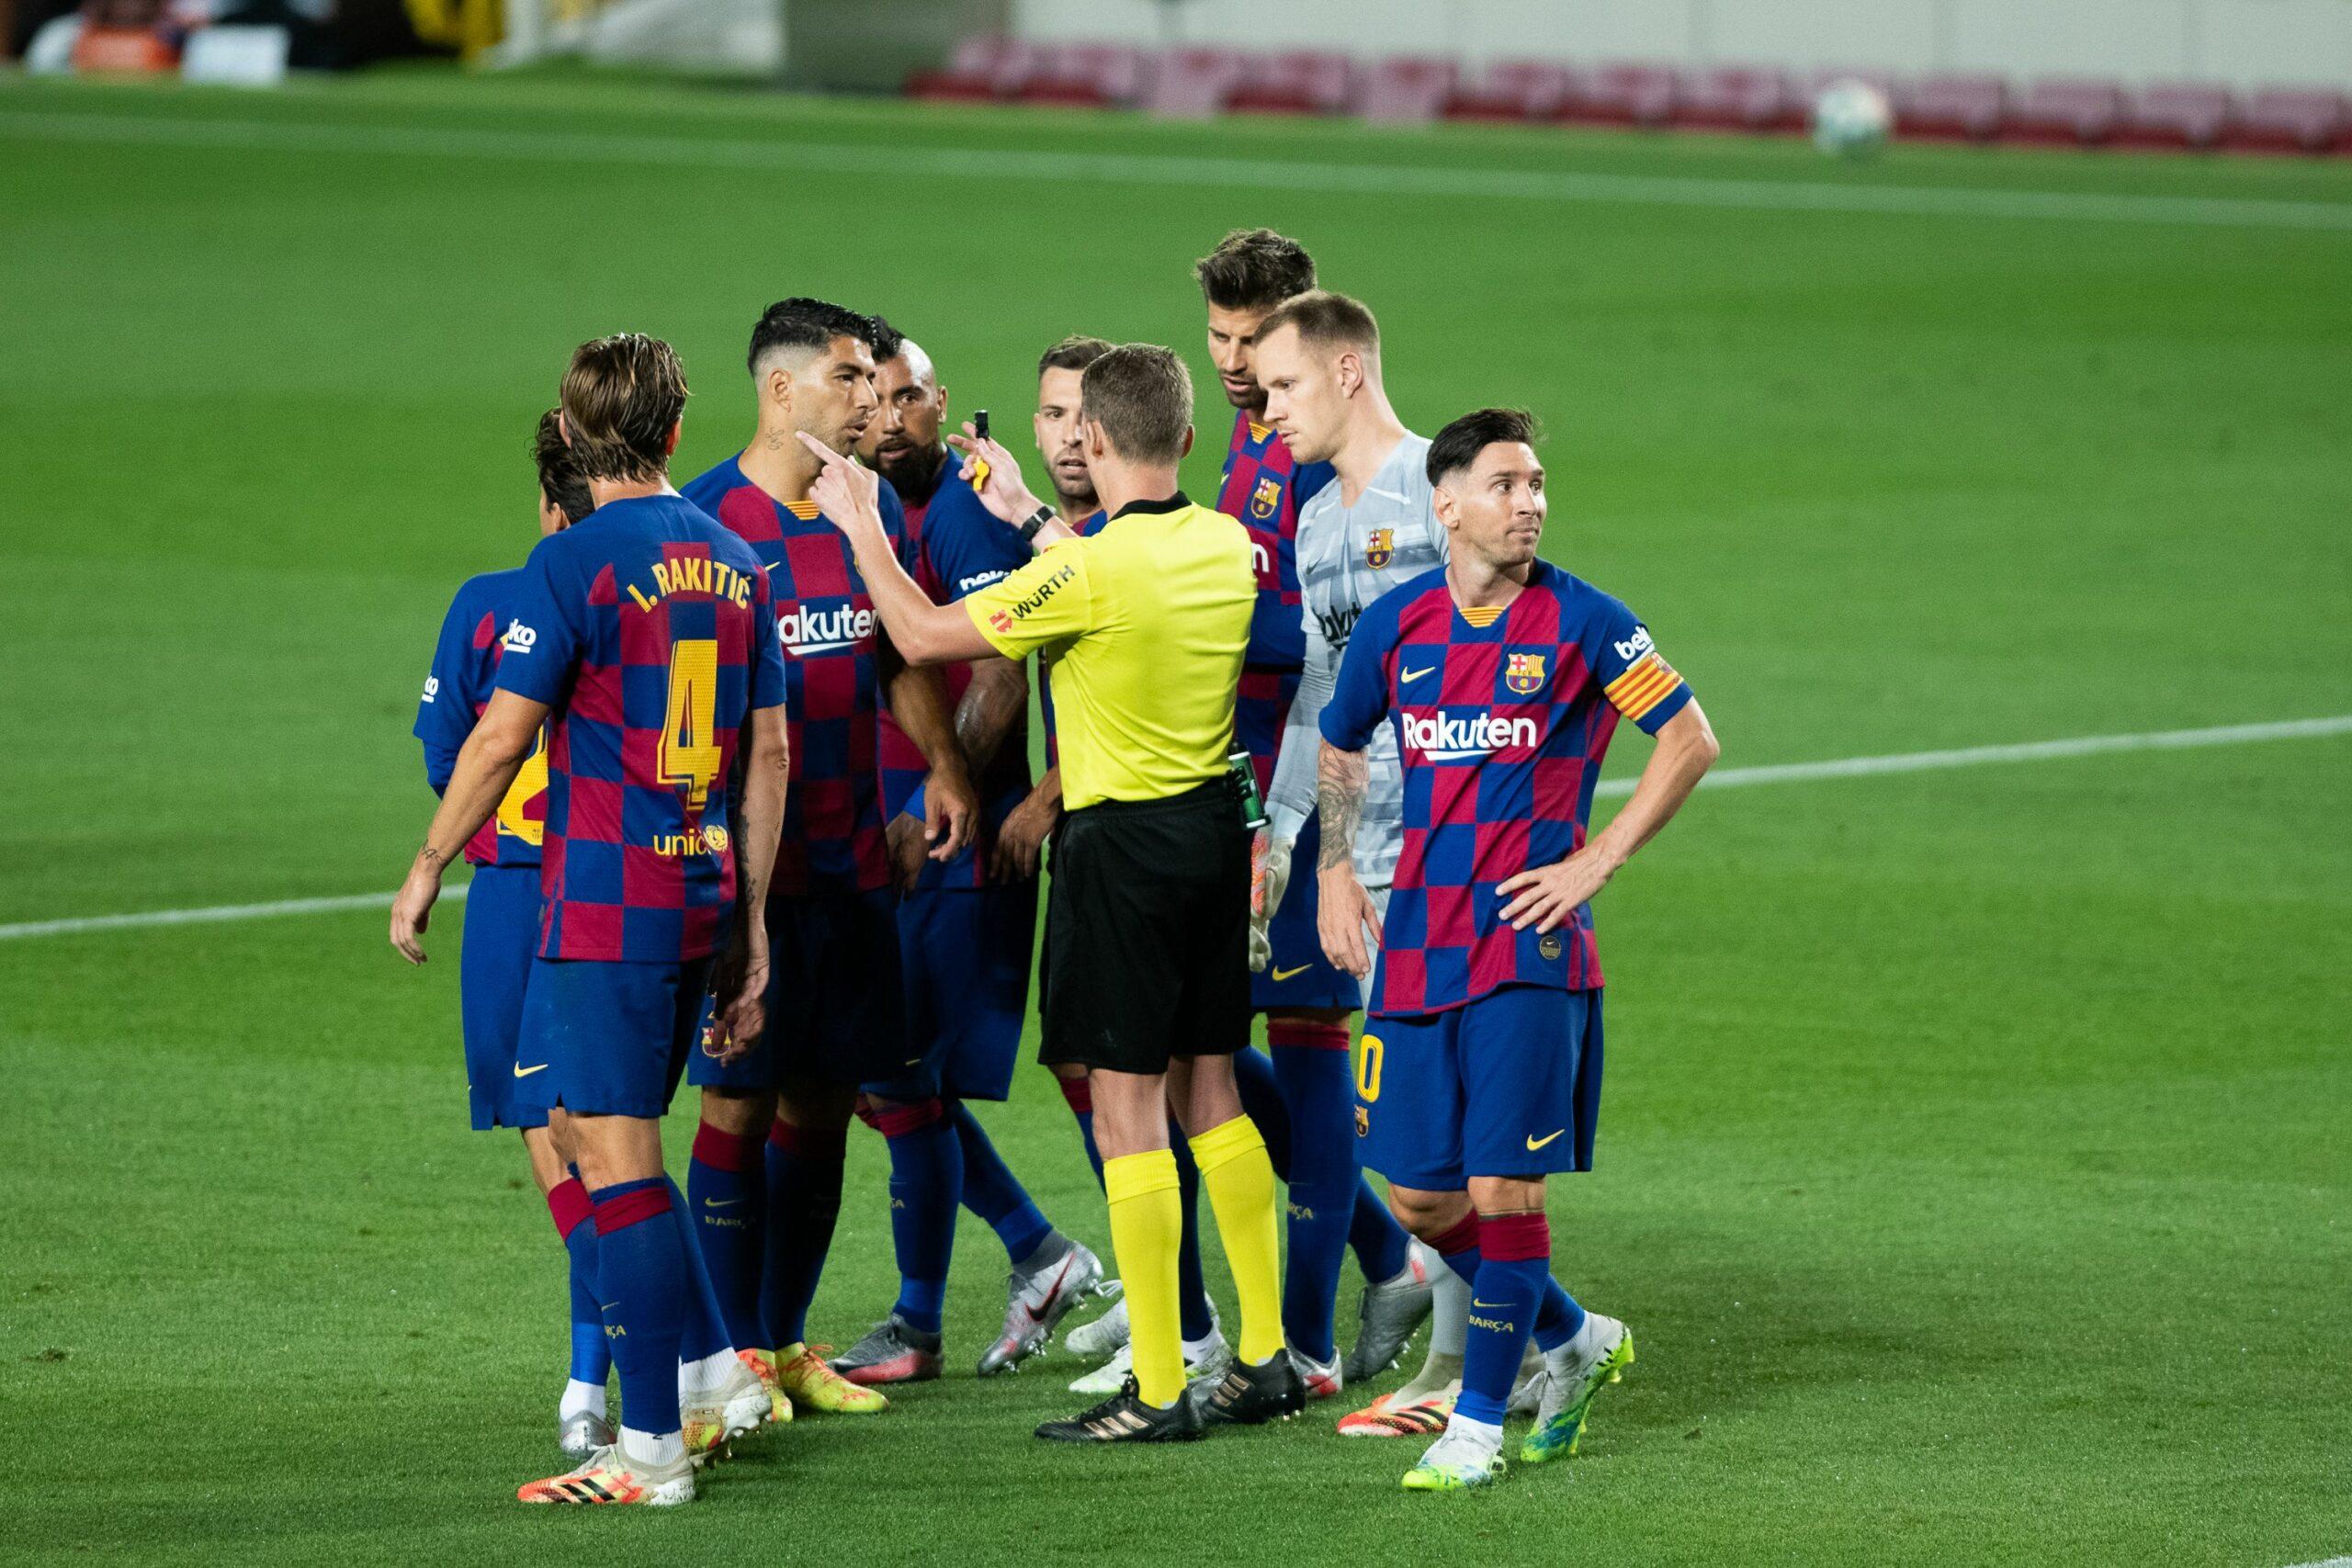 Els jugadors del Barça protesten una decisió arbitral   Europa Press